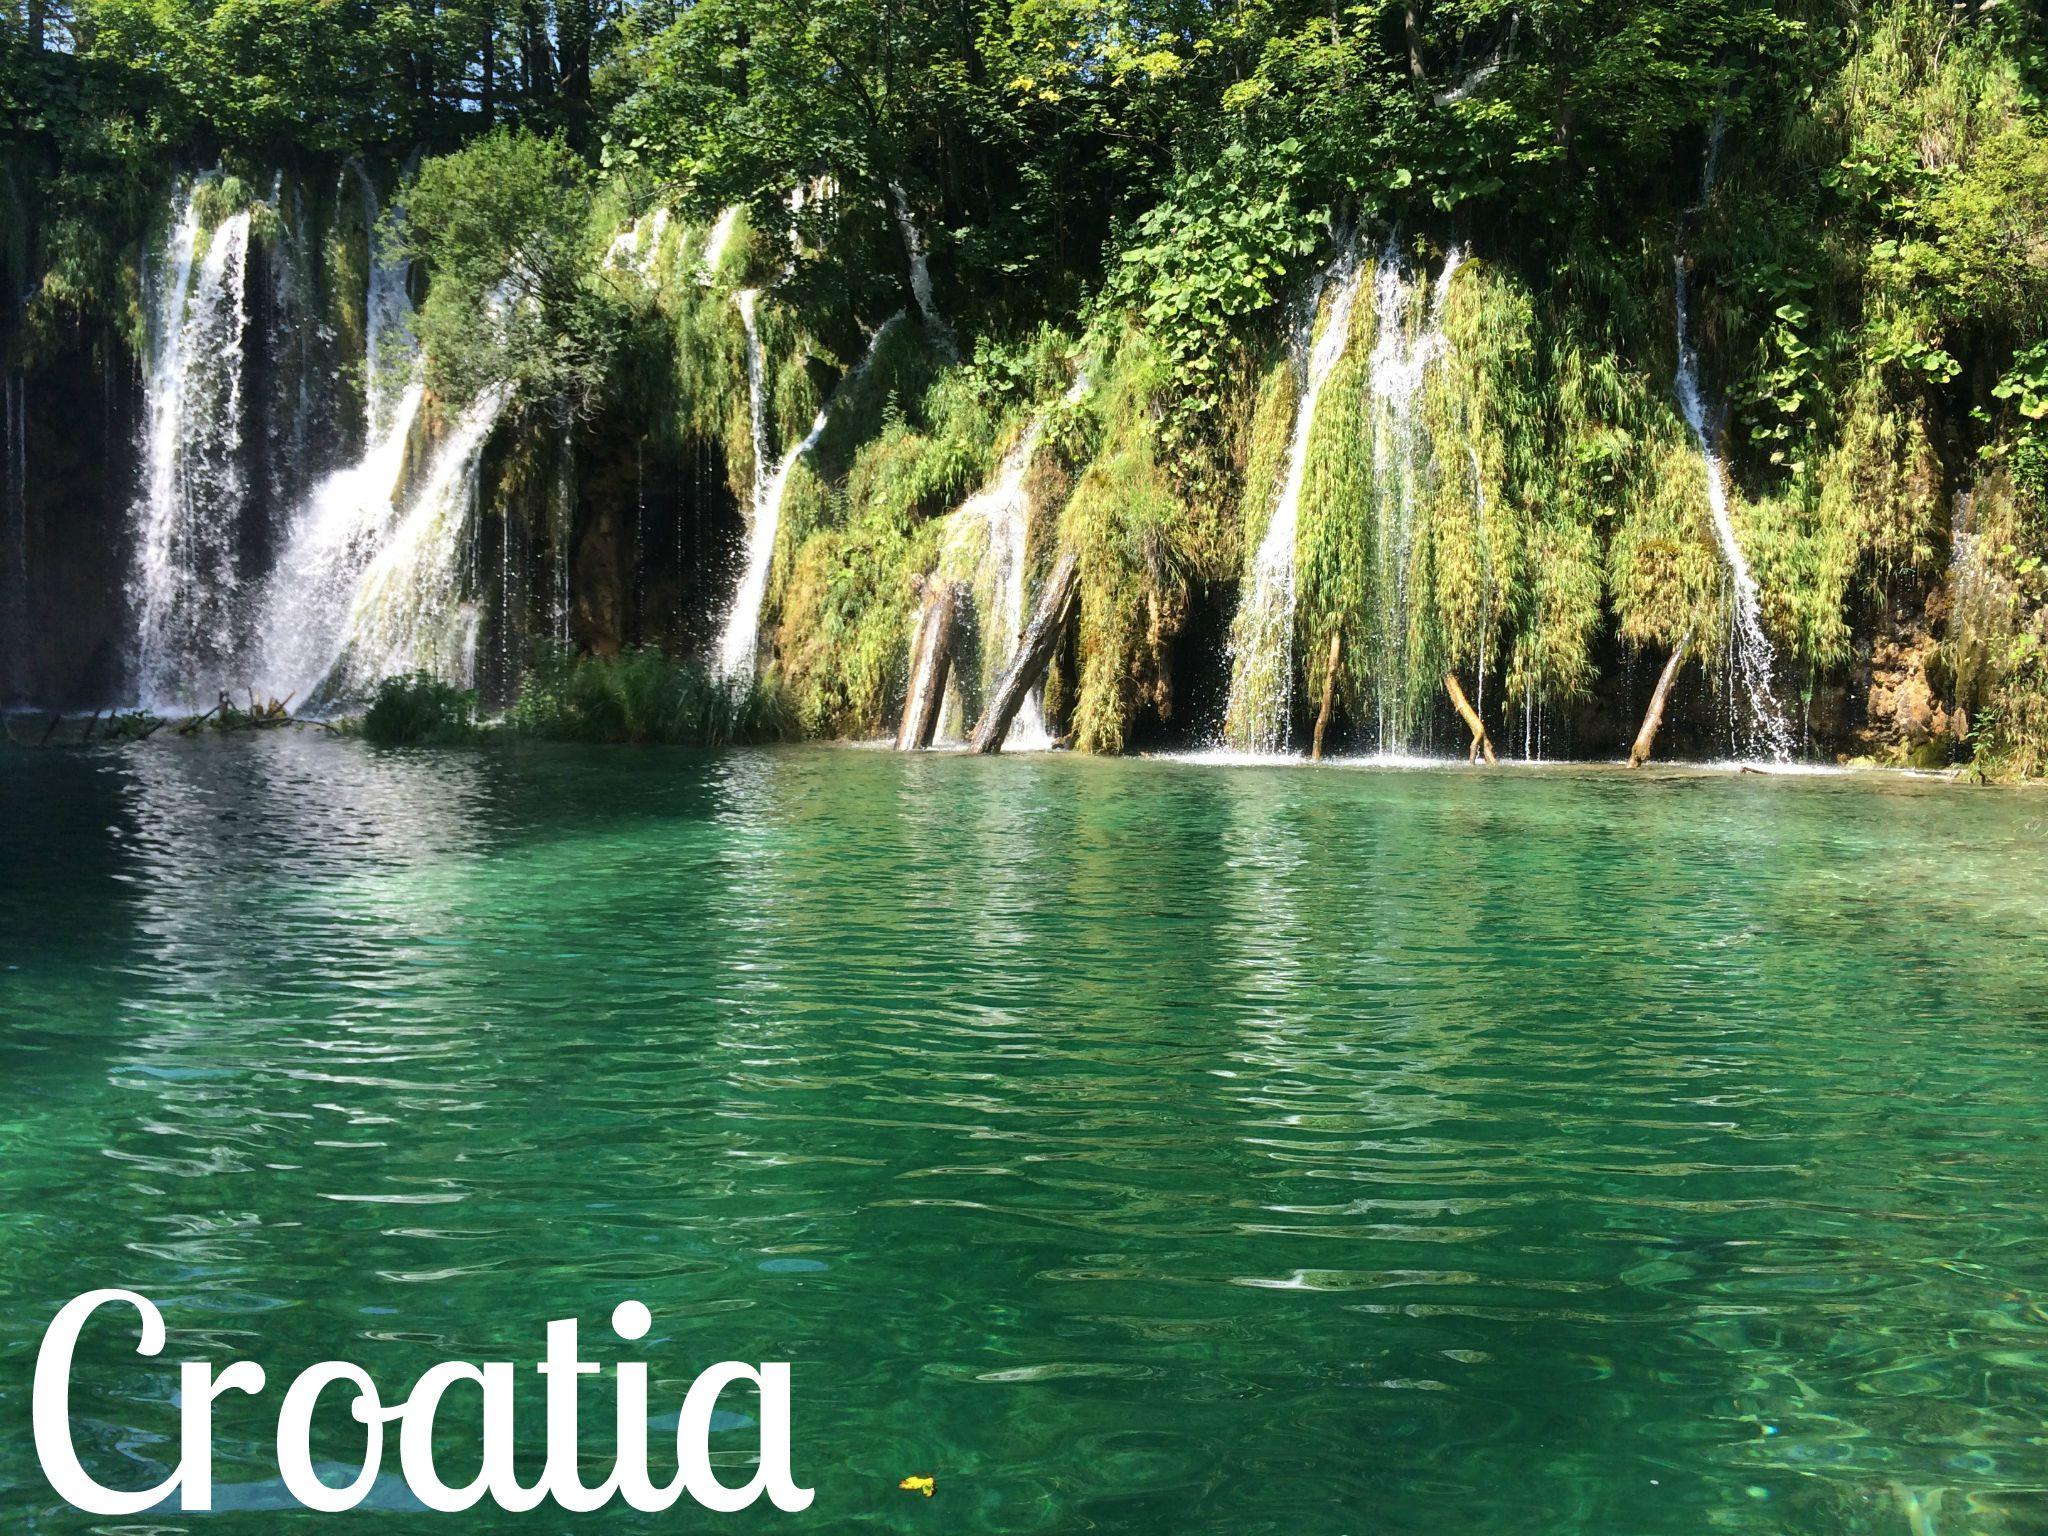 Croatia - Wanderalot